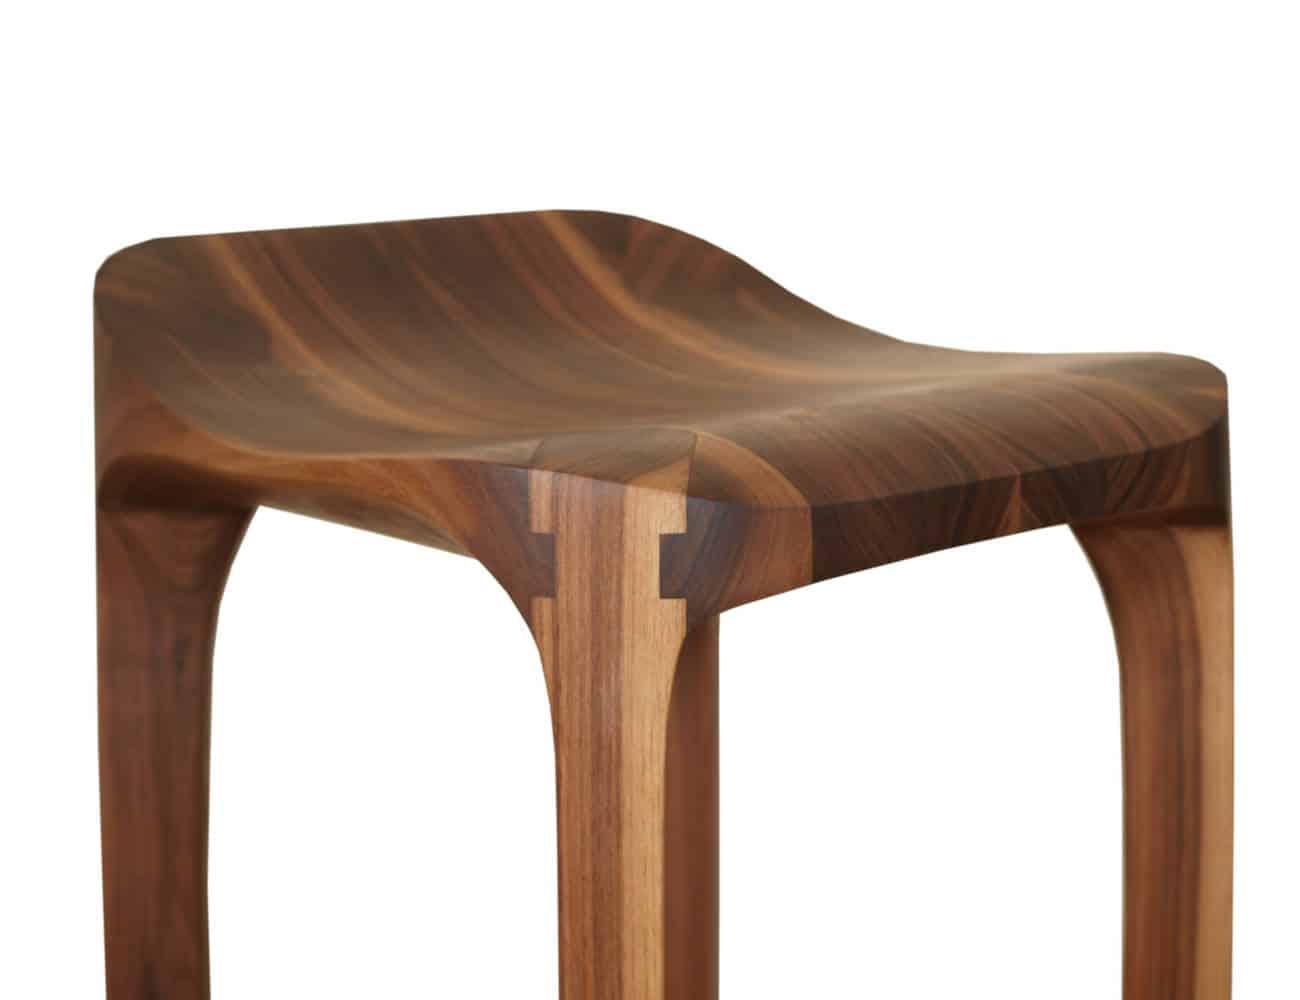 Die Beine des Barhockers sind mit aufwändigen Holzverbindungen gefertigt